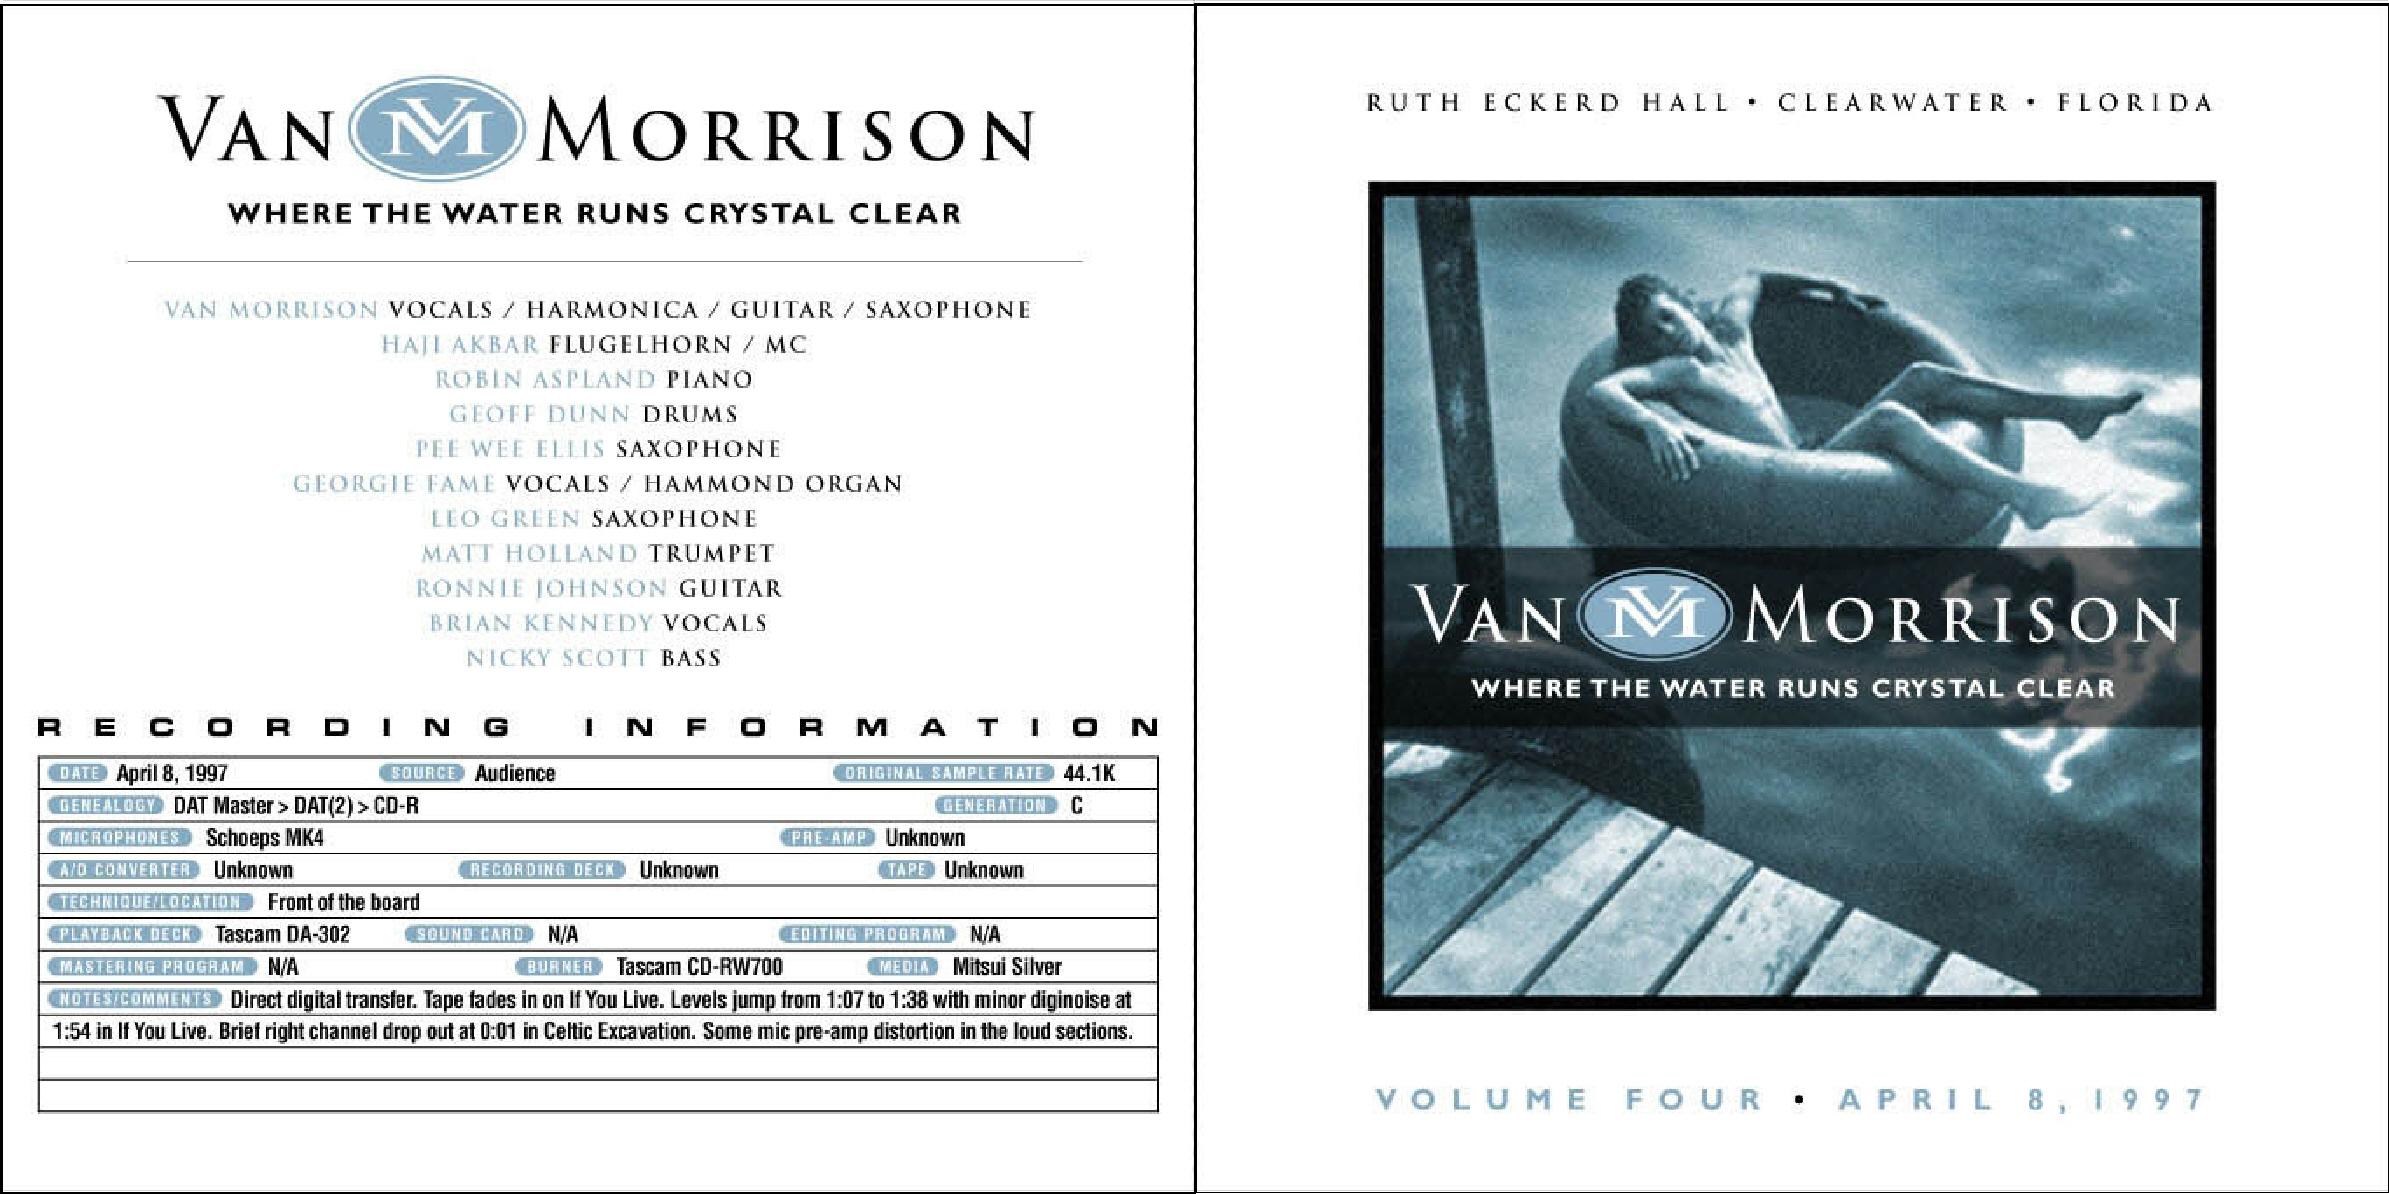 VanMorrison1997-04-08EckerdHallClearwaterFL1.jpg